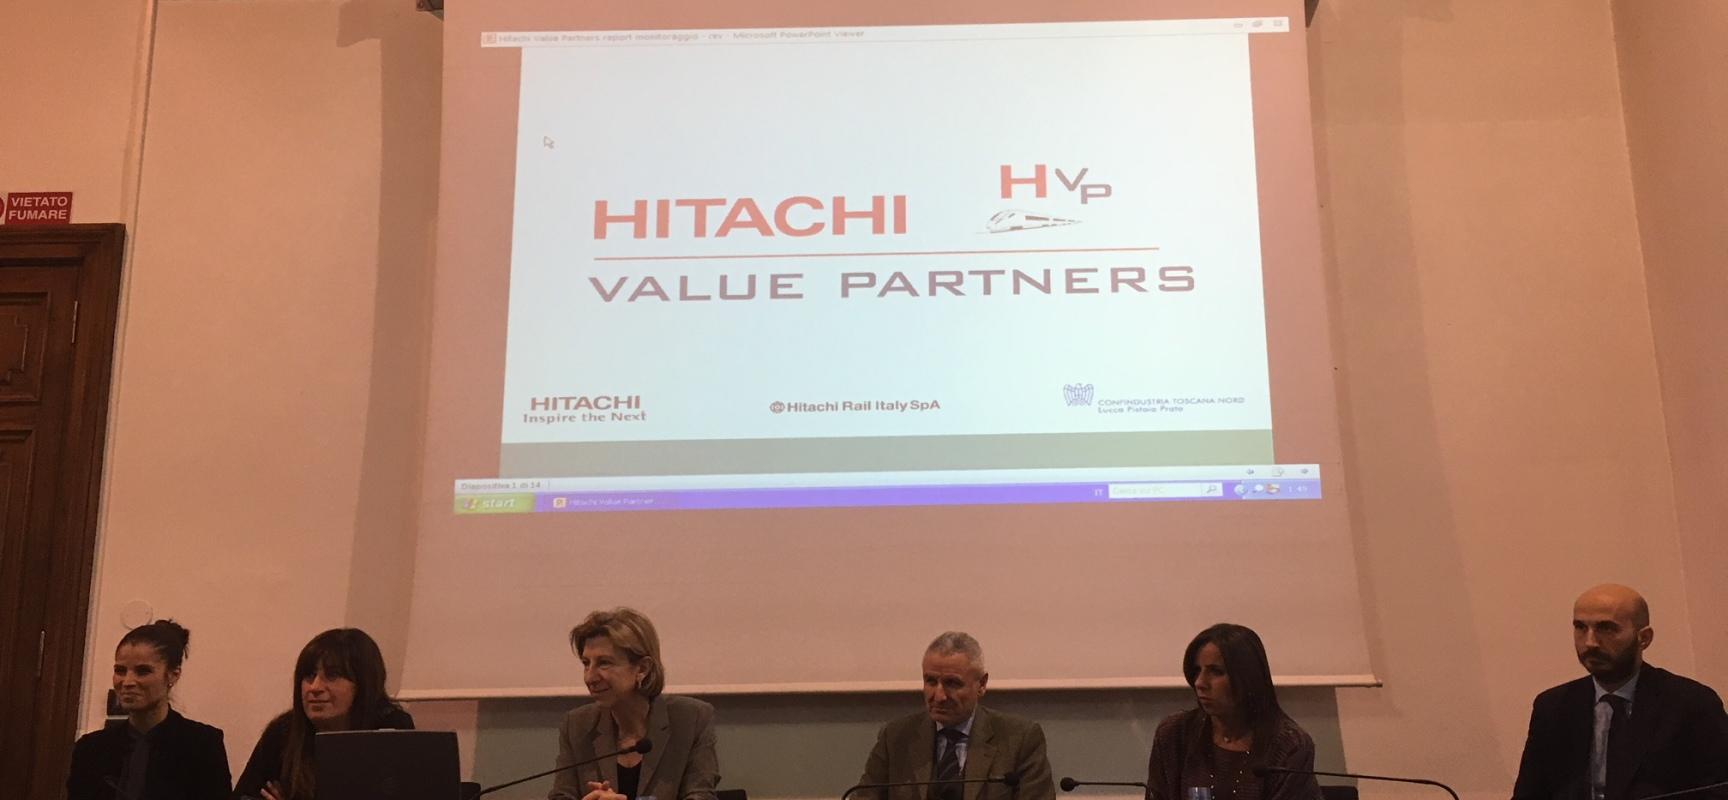 Progetto Hitachi Value Partner – Hitachi Rail Italia forma a Pistoia tredici aziende dell'indotto per farle crescere